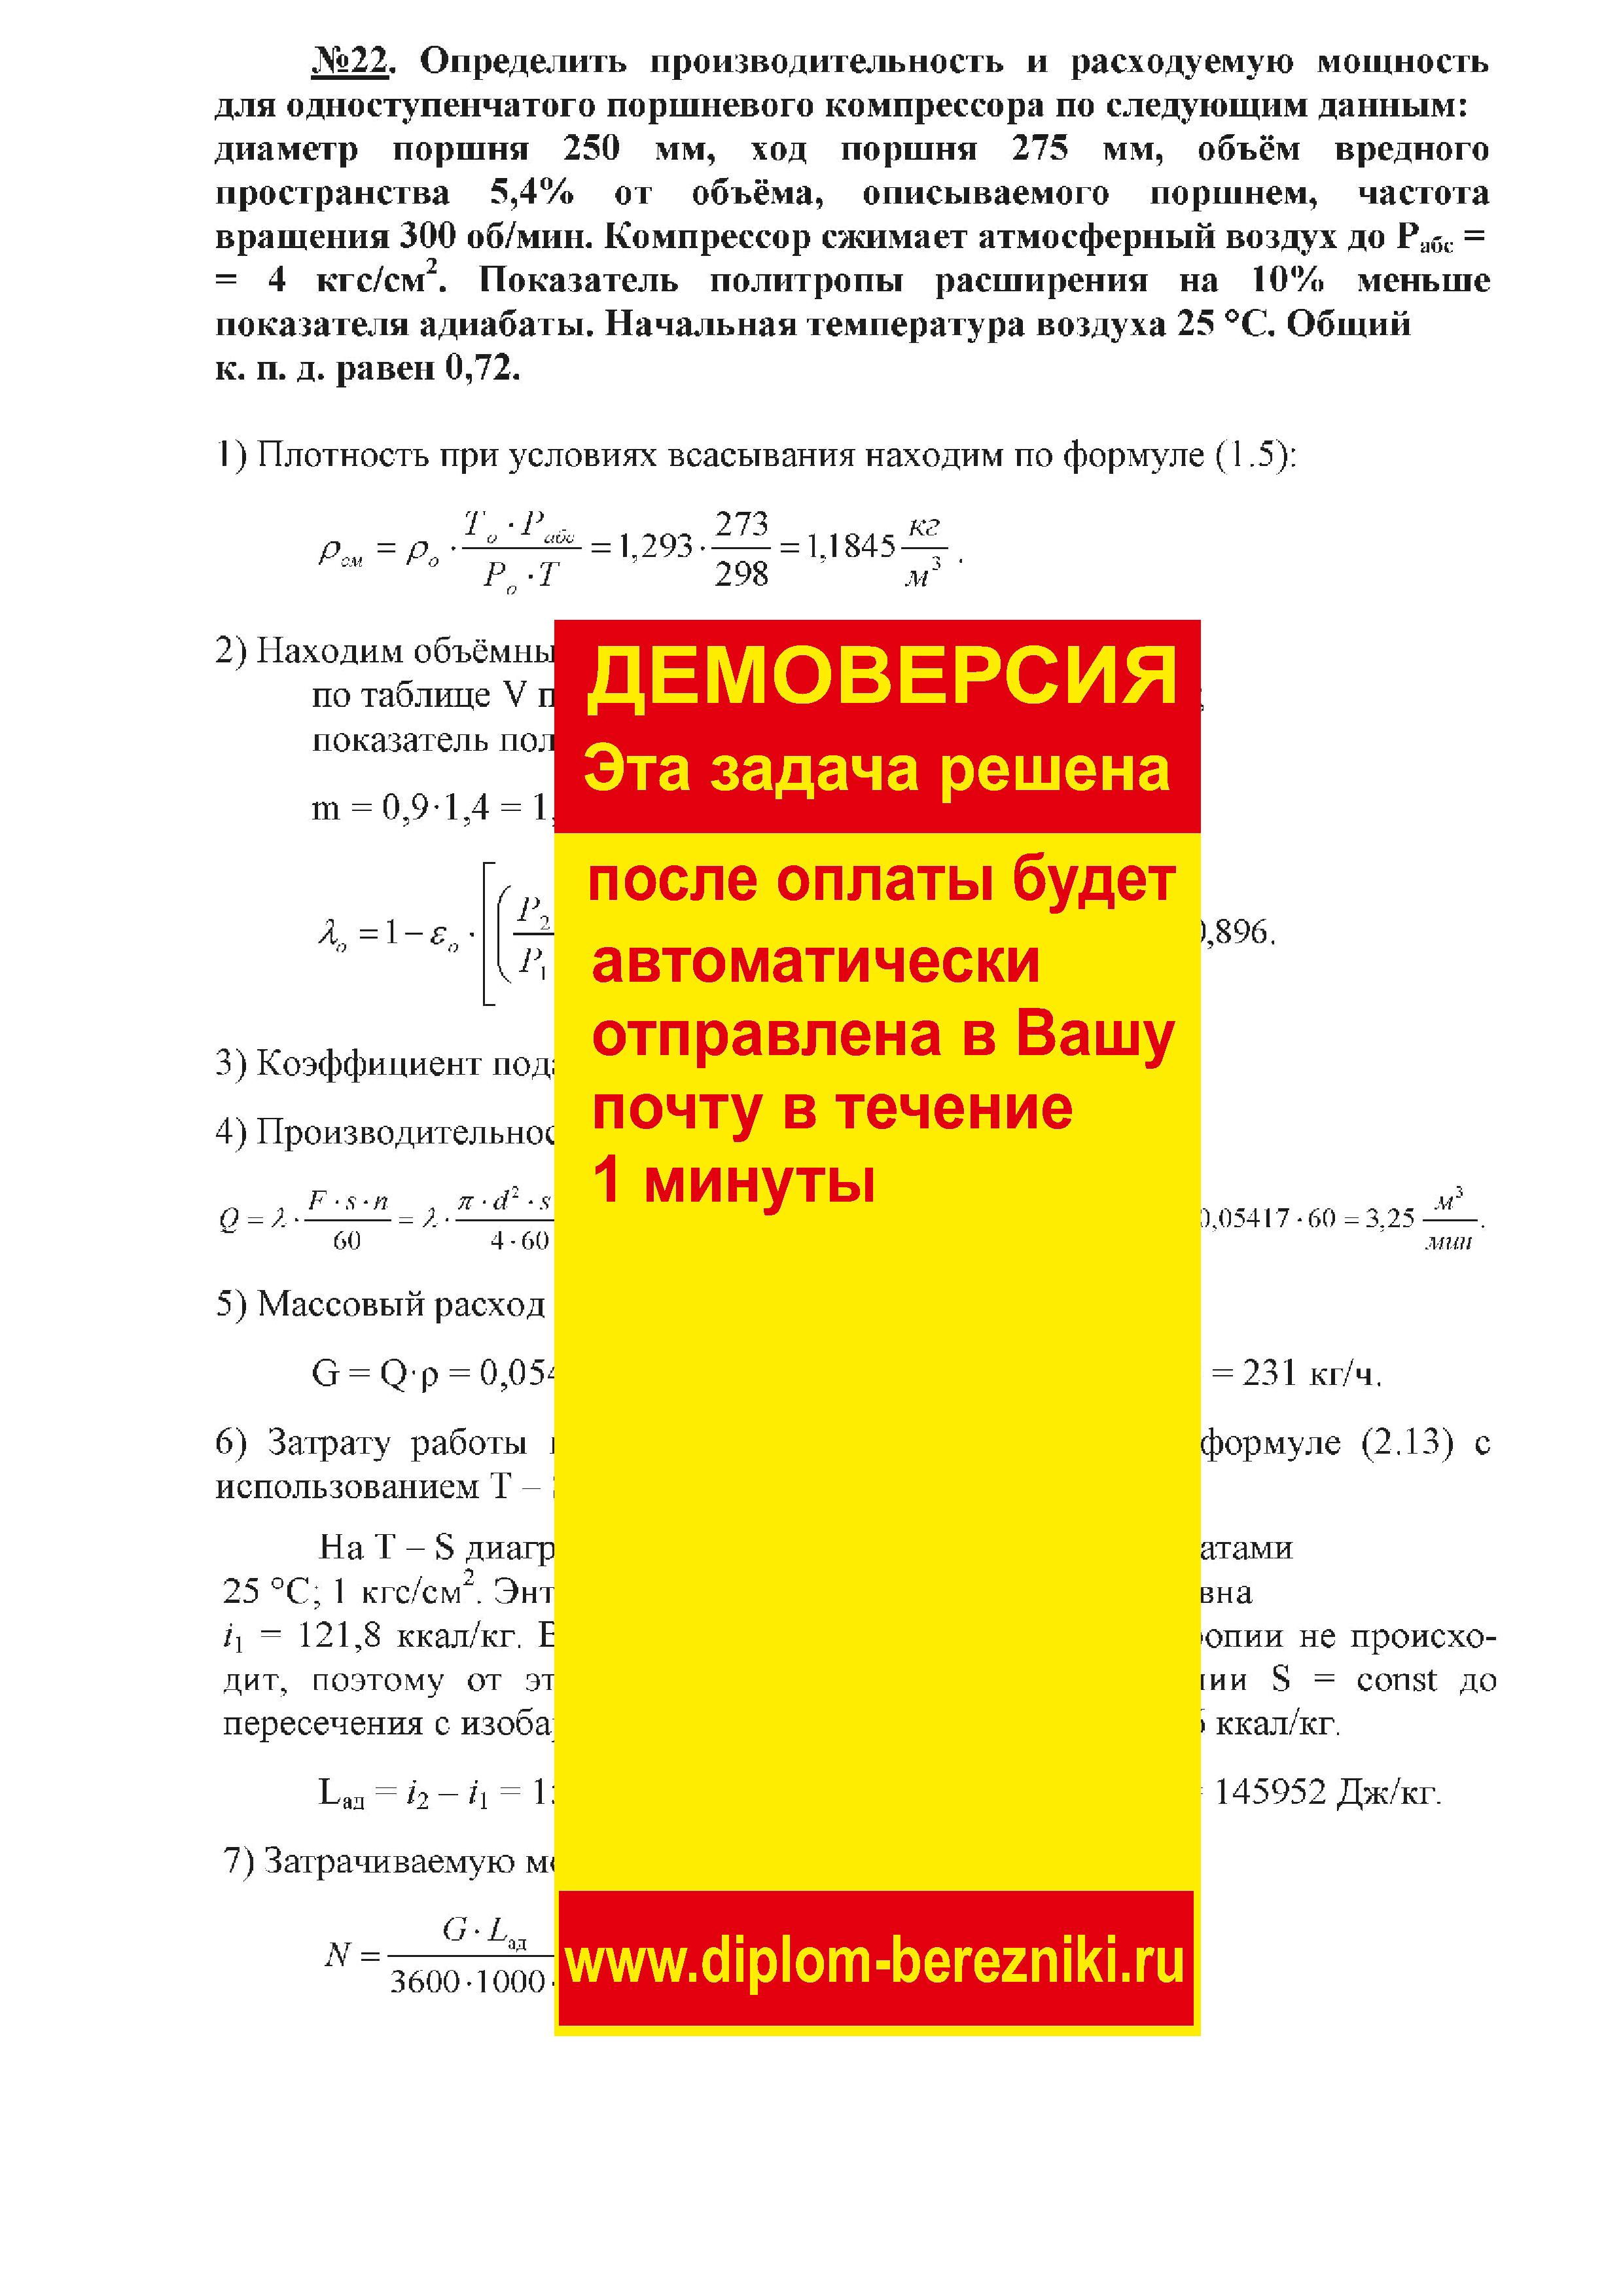 Решение задачи 2.22 по ПАХТ из задачника Павлова Романкова Носкова